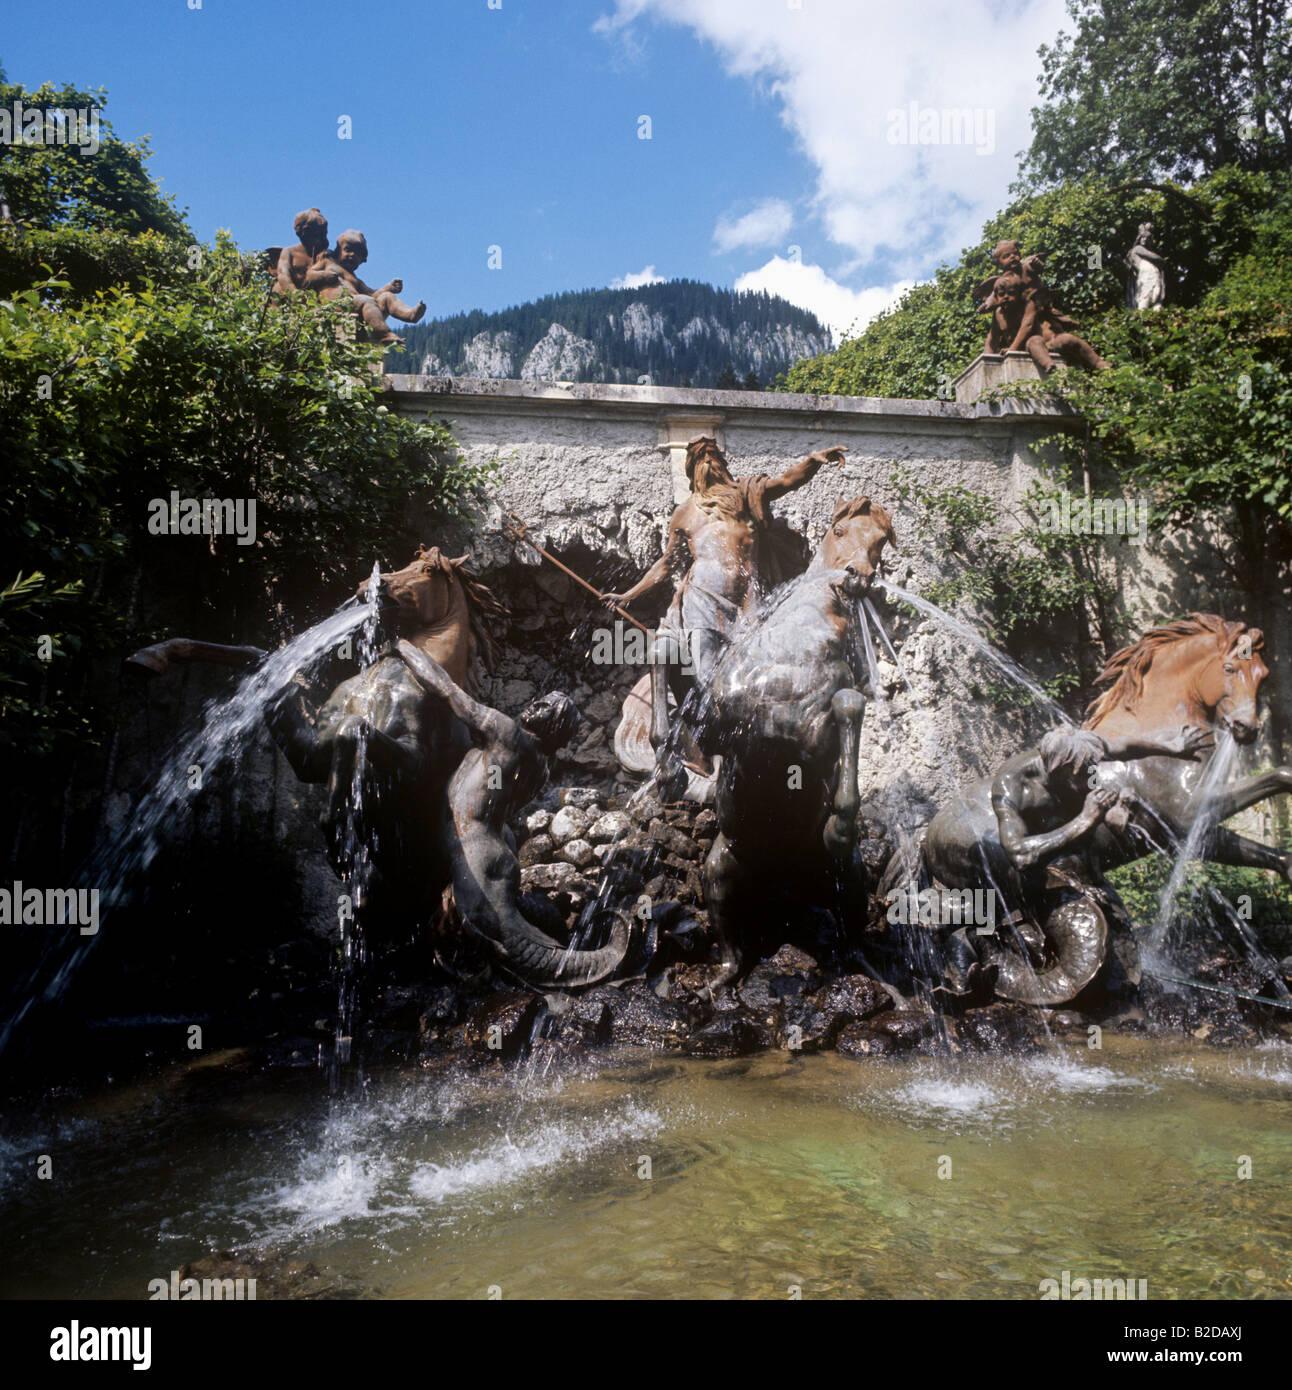 Poseidon Statue Und Brunnen Am Eingang Zur Grotte Komplex Unter Schloss Linderhof In Bayern Stockfotografie Alamy